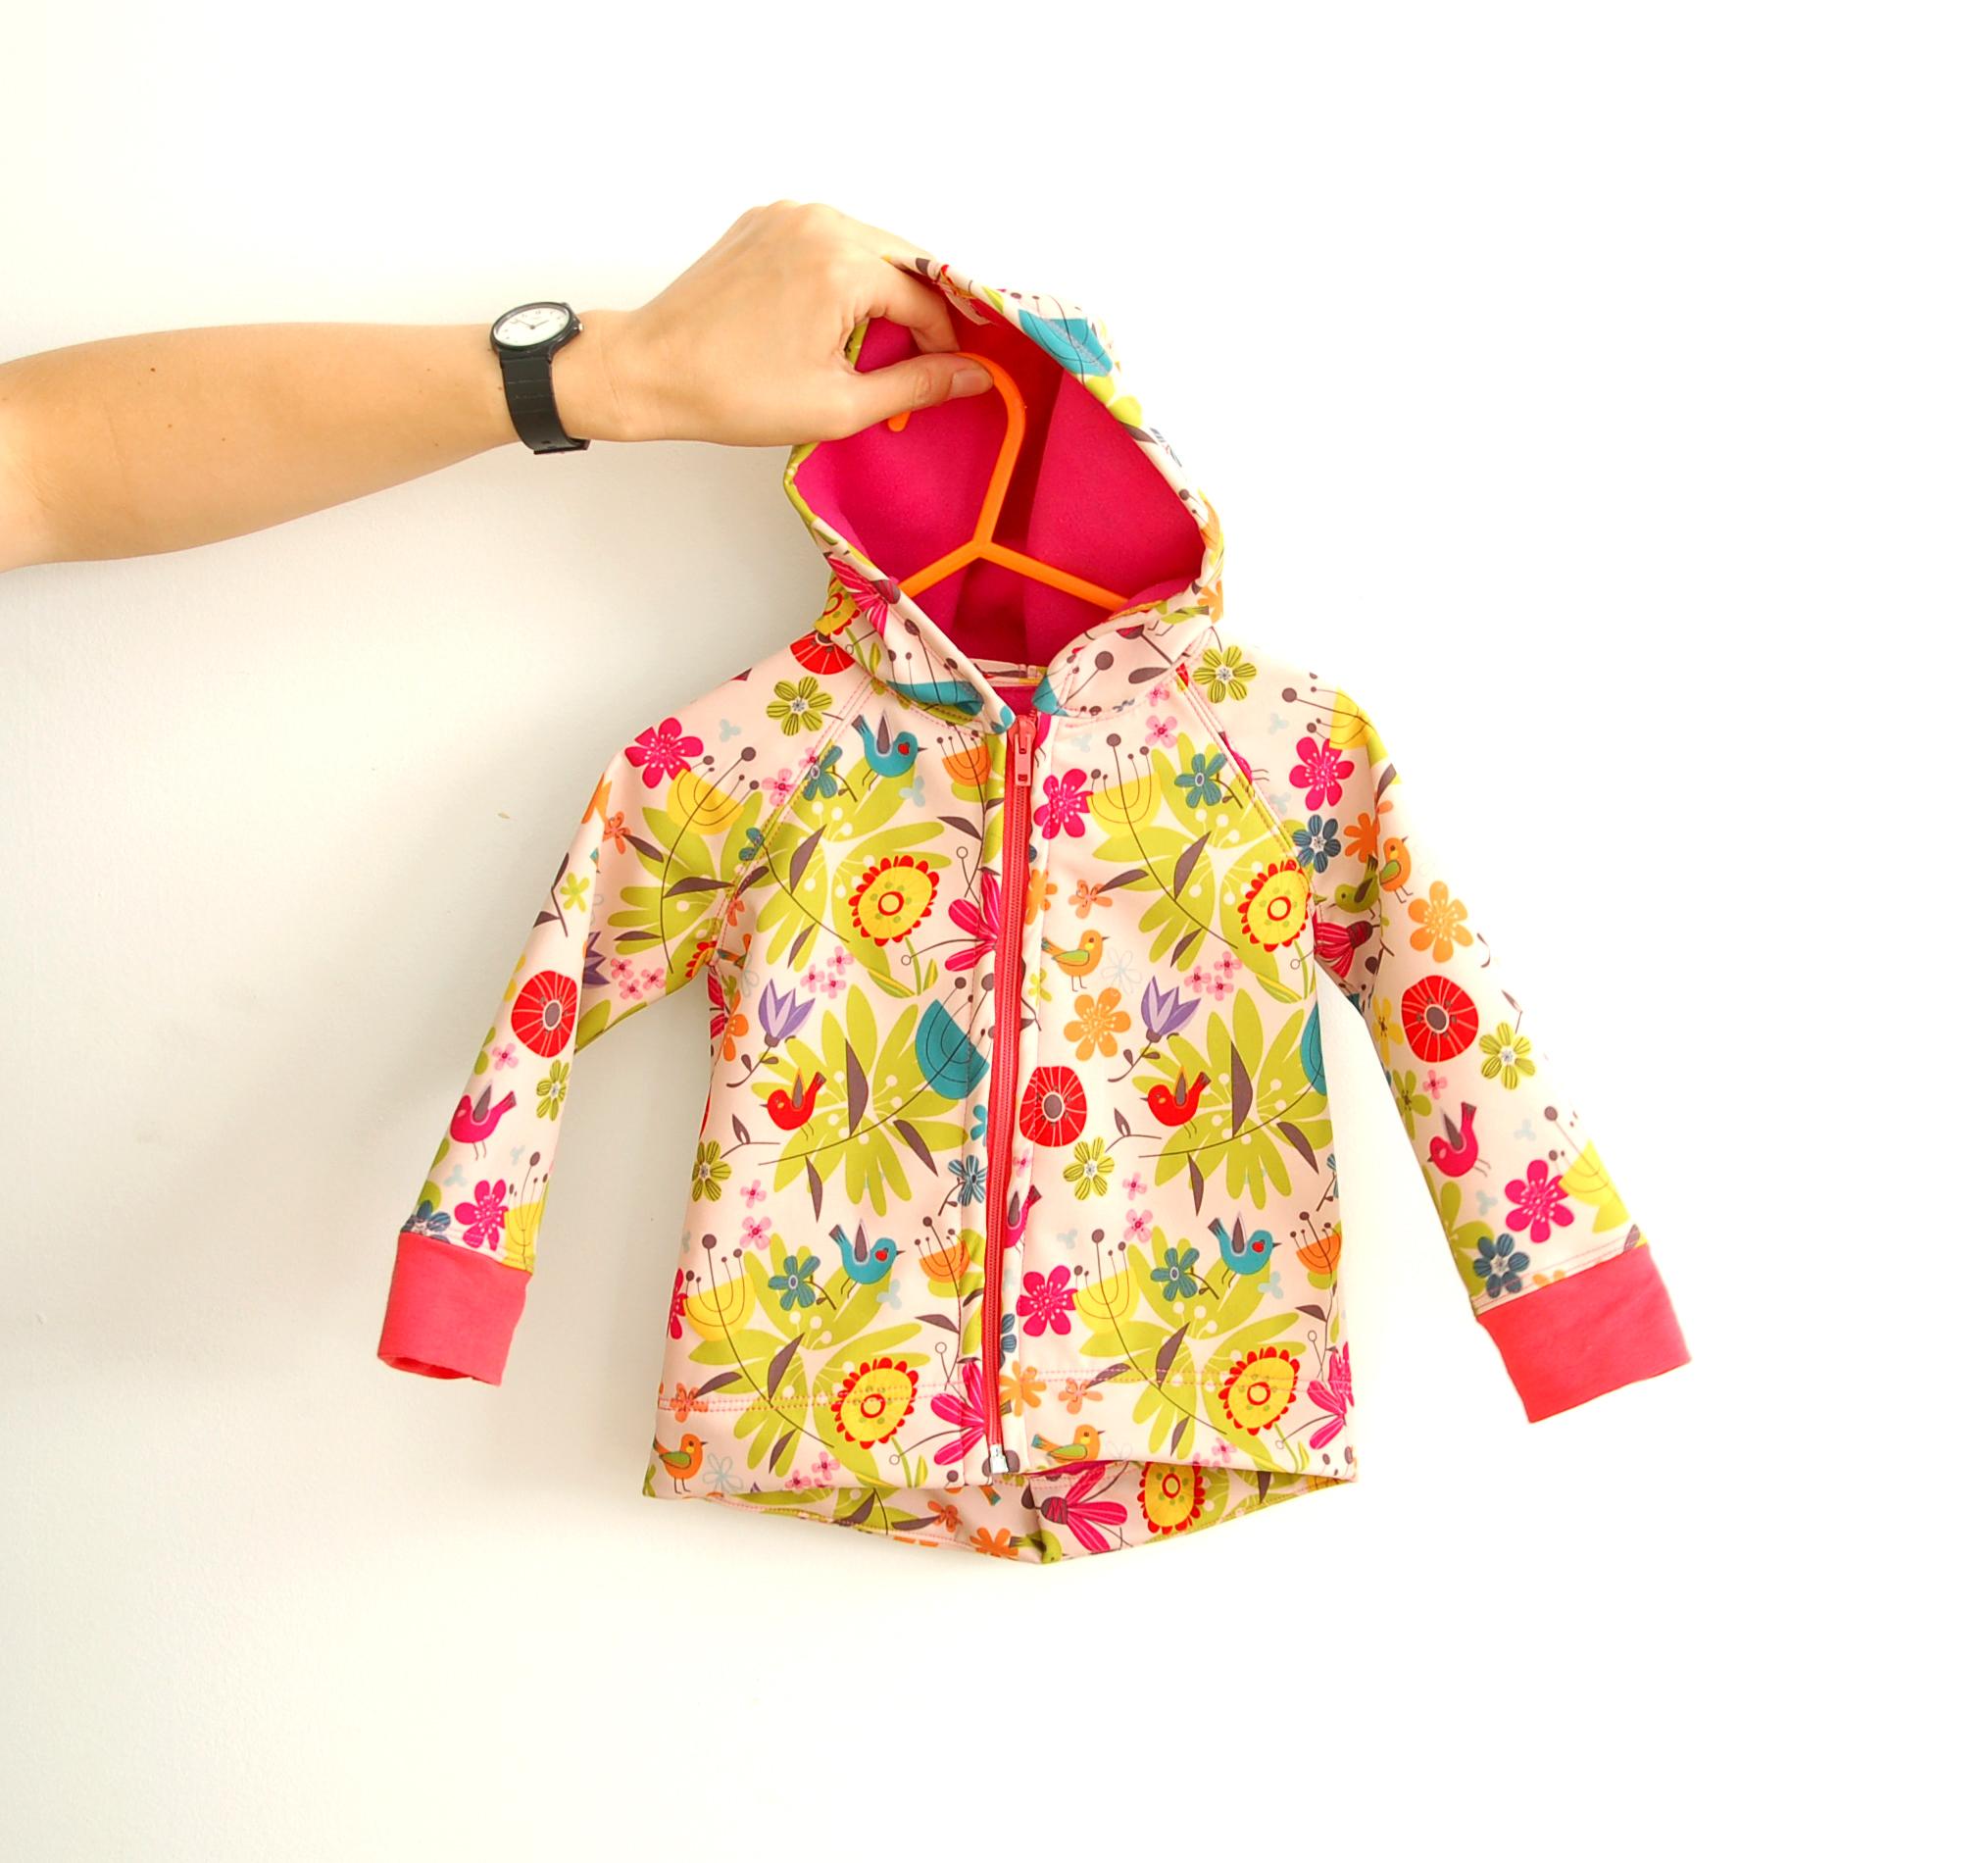 new kids clothes Sewing blog: www.studiocostura.com